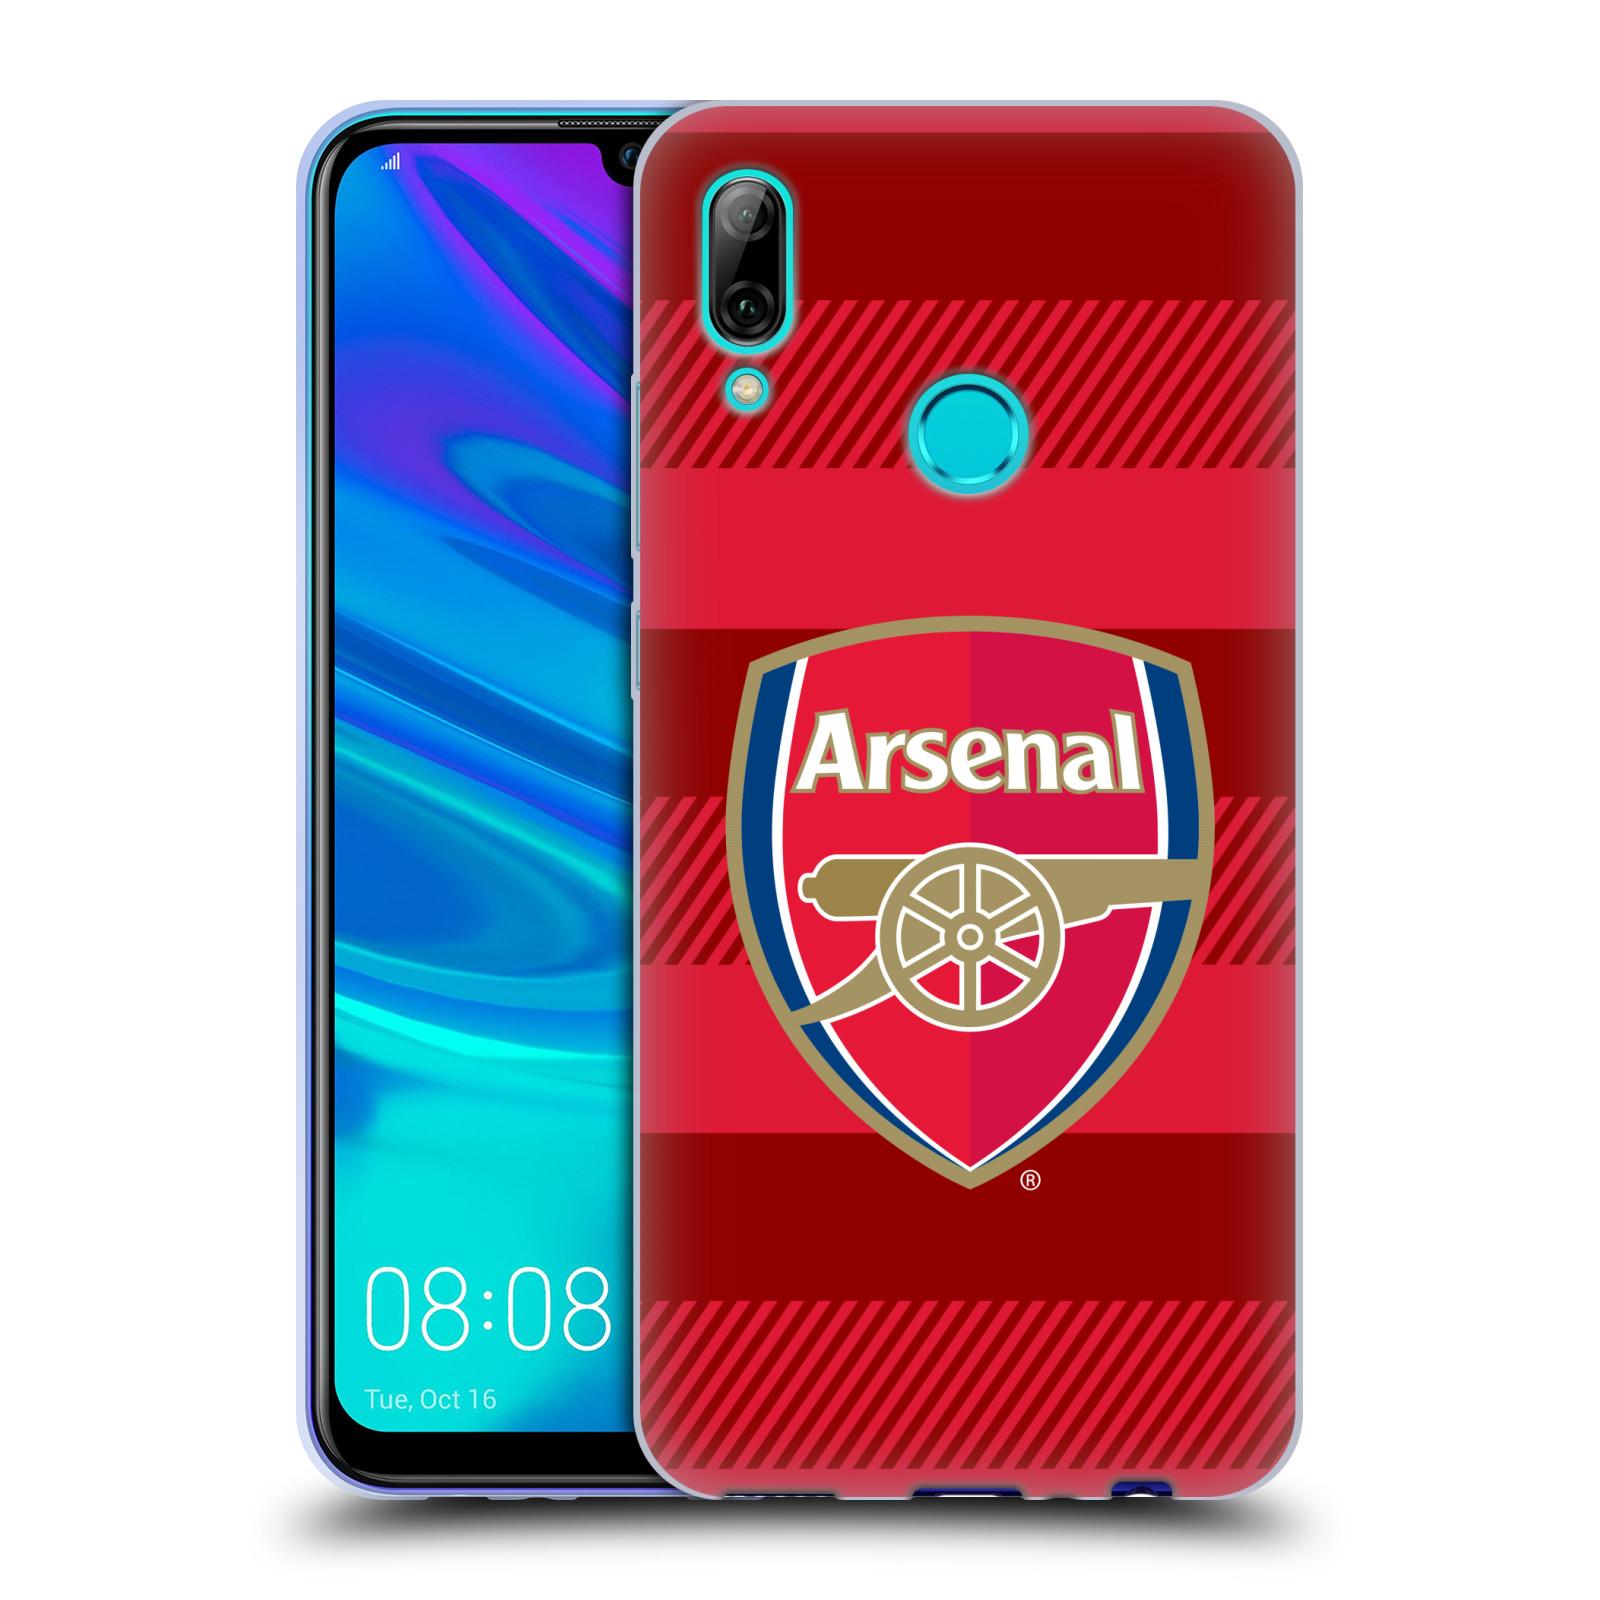 Silikonové pouzdro na mobil Huawei P Smart (2019) - Head Case - Arsenal FC - Logo s pruhy